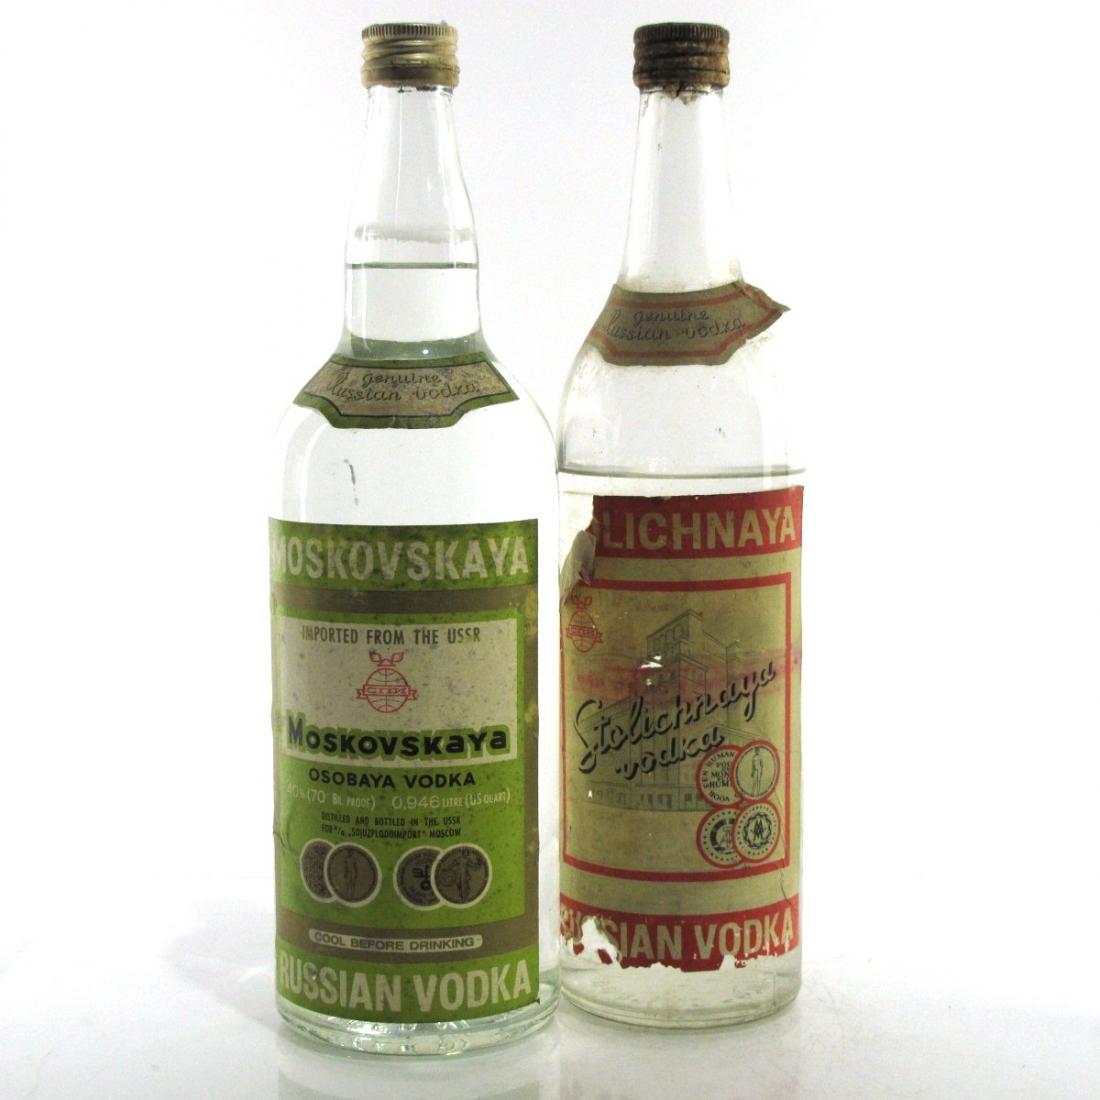 Moskovskaya & Stolichnya Russian Vodka x 2 1960s